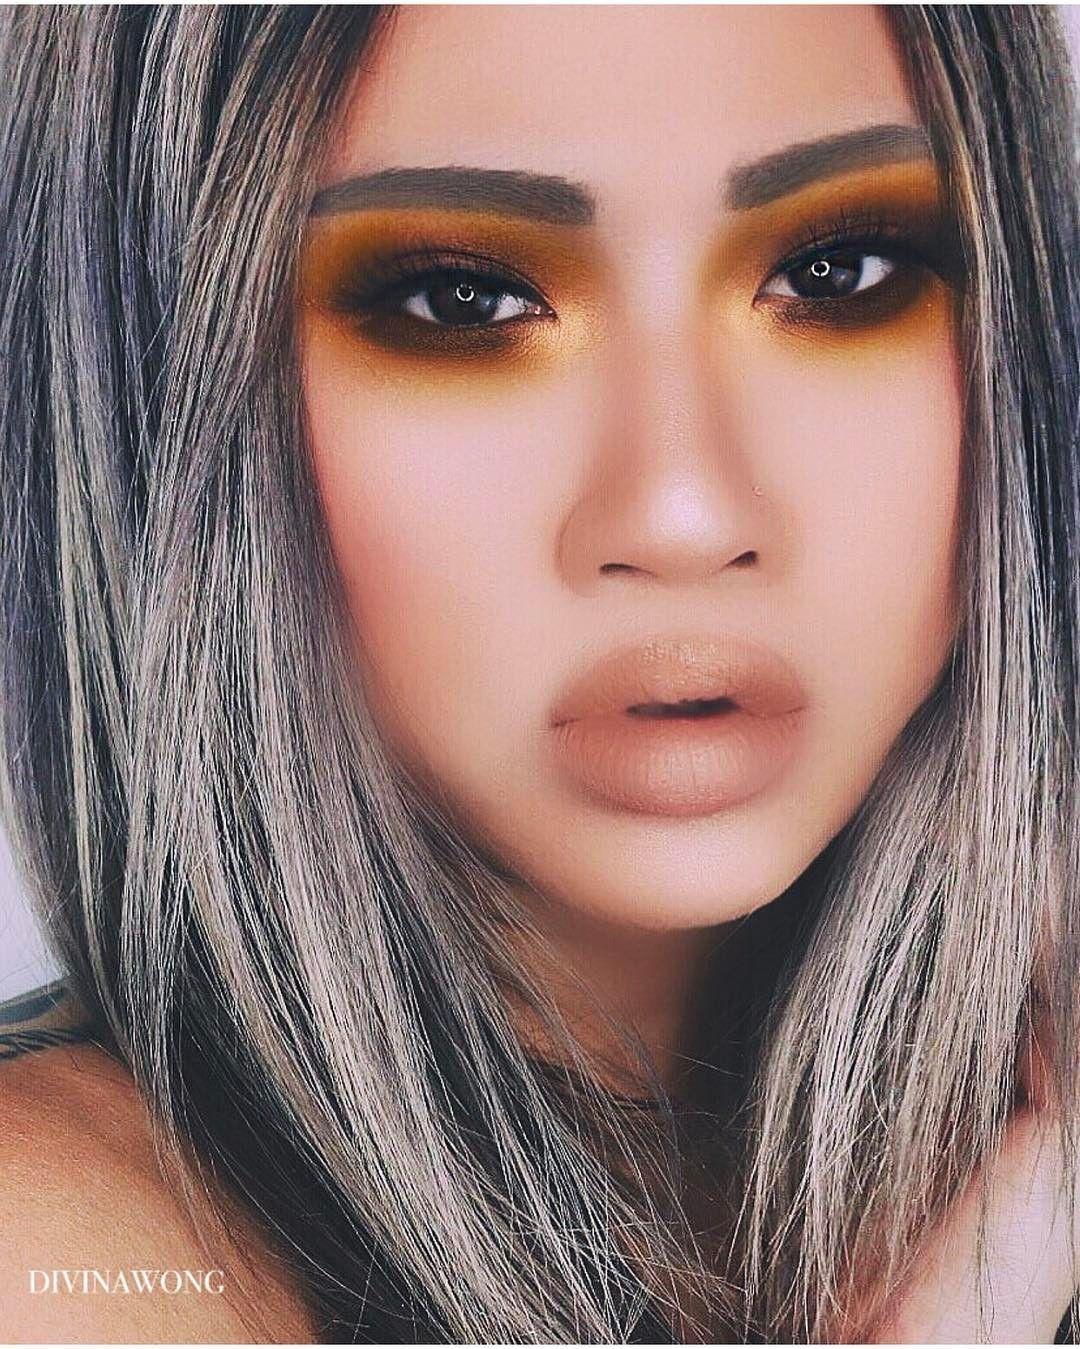 90s nose piercing  Pin by cristina godinez on Makeup  Pinterest  Makeup Makeup